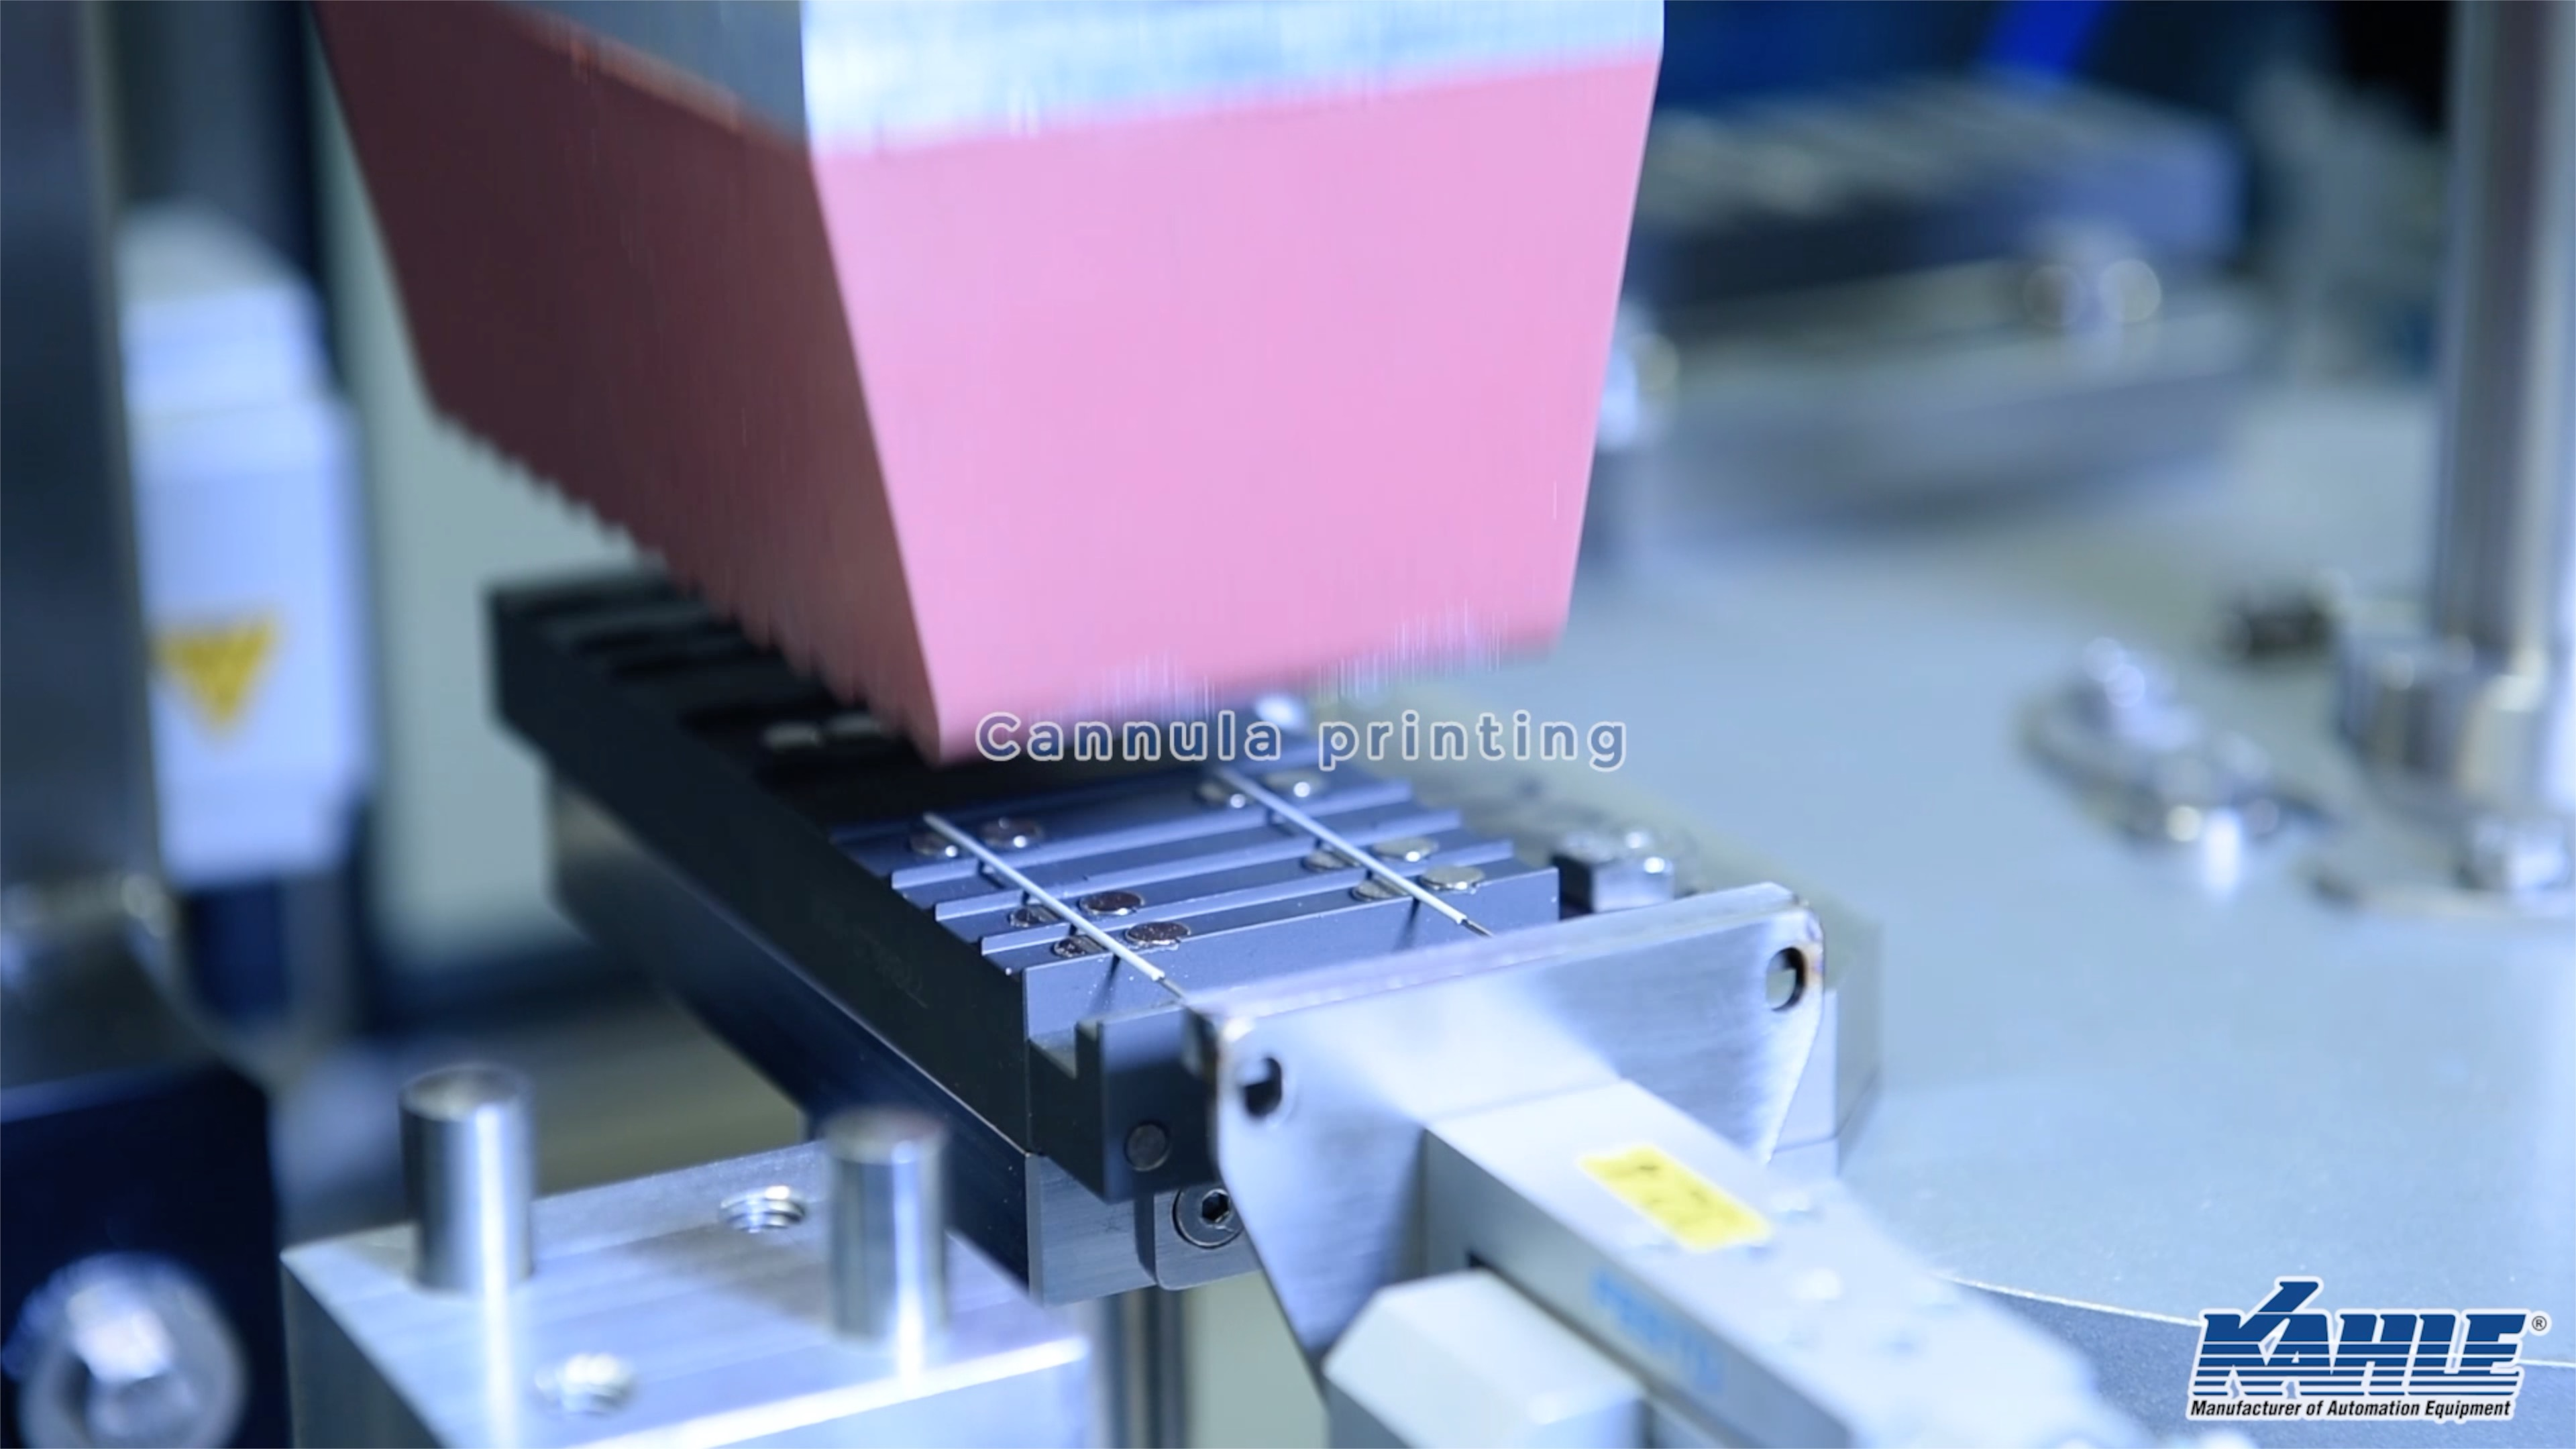 Kahle Cannula Printing